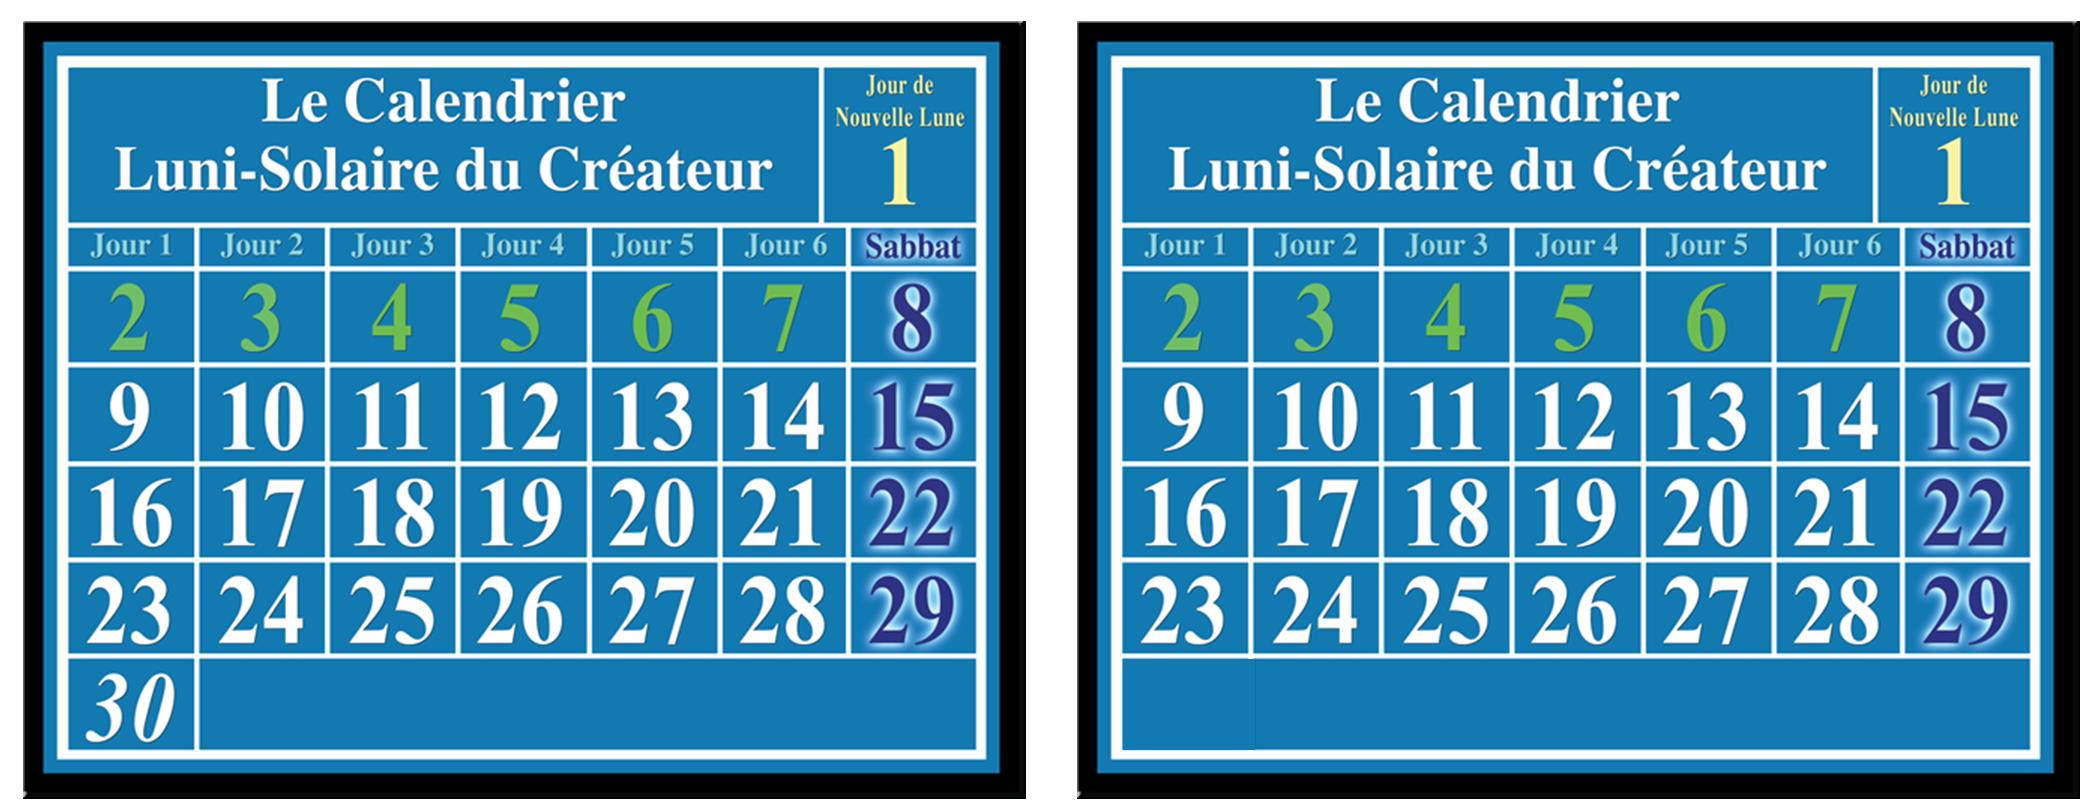 calendrier lunaire-solaire: nouvelle lune, sabbats, jour intercalaire